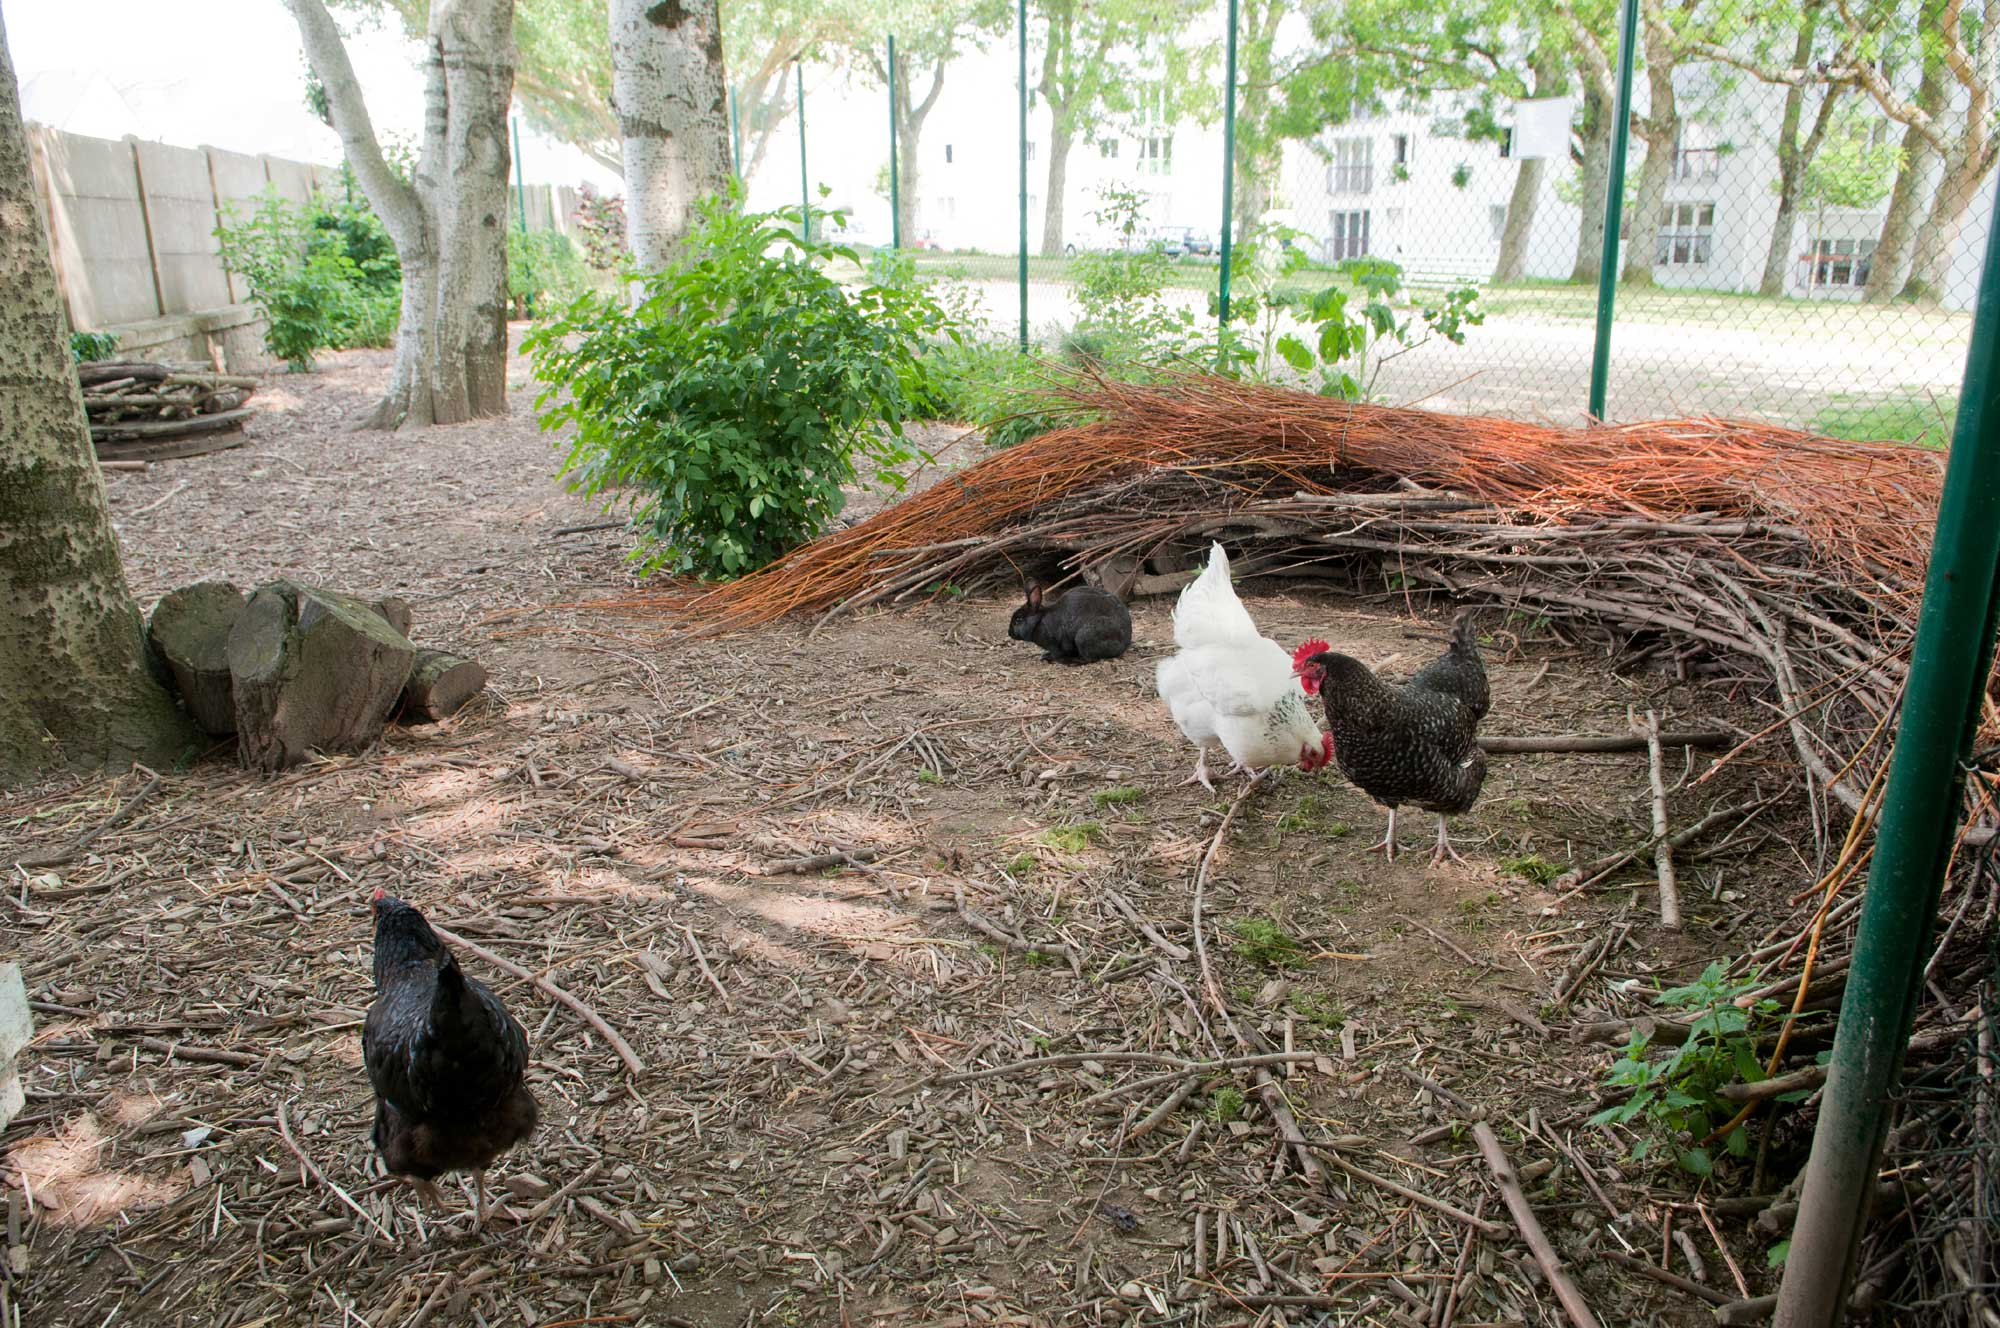 Jardin partagé Madeleine Desroseaux - poules et lapins - mai 2018